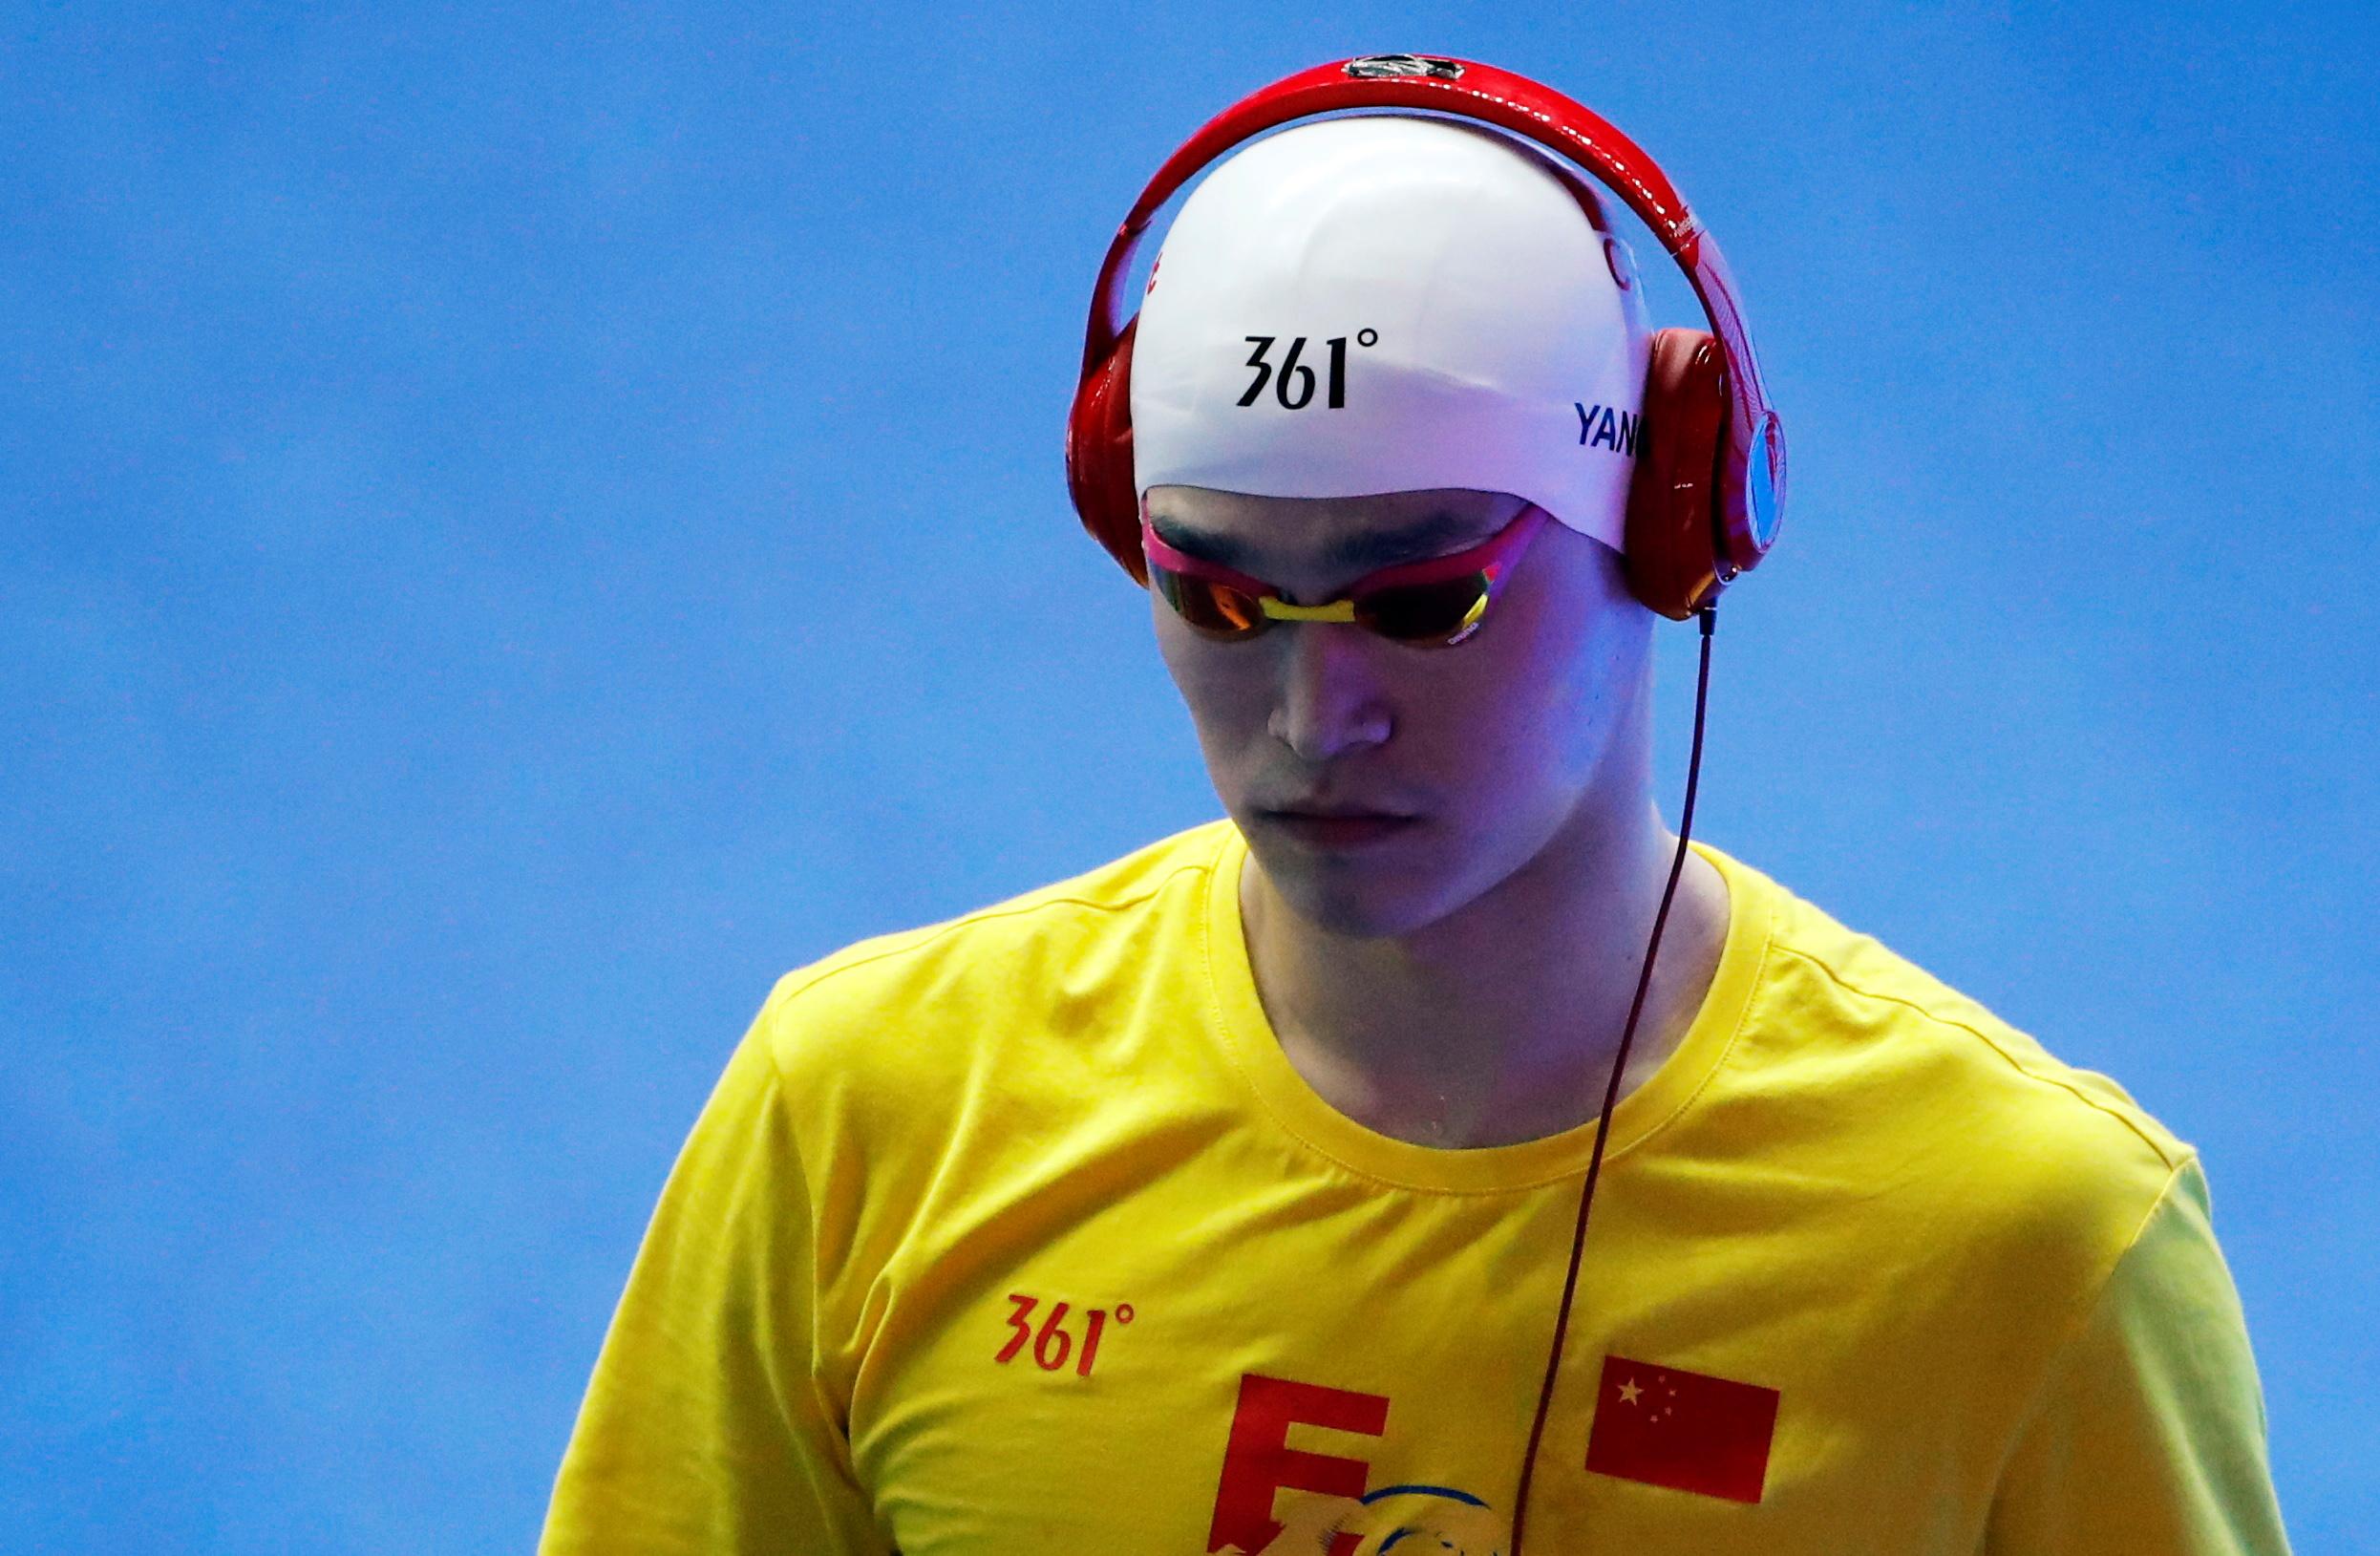 Swimming - 18th FINA World Swimming Championships - Men's 800m Freestyle Final - Nambu University Municipal Aquatics Center, Gwangju, South Korea - July 24, 2019. Sun Yang of China before the race. REUTERS/Stefan Wermuth